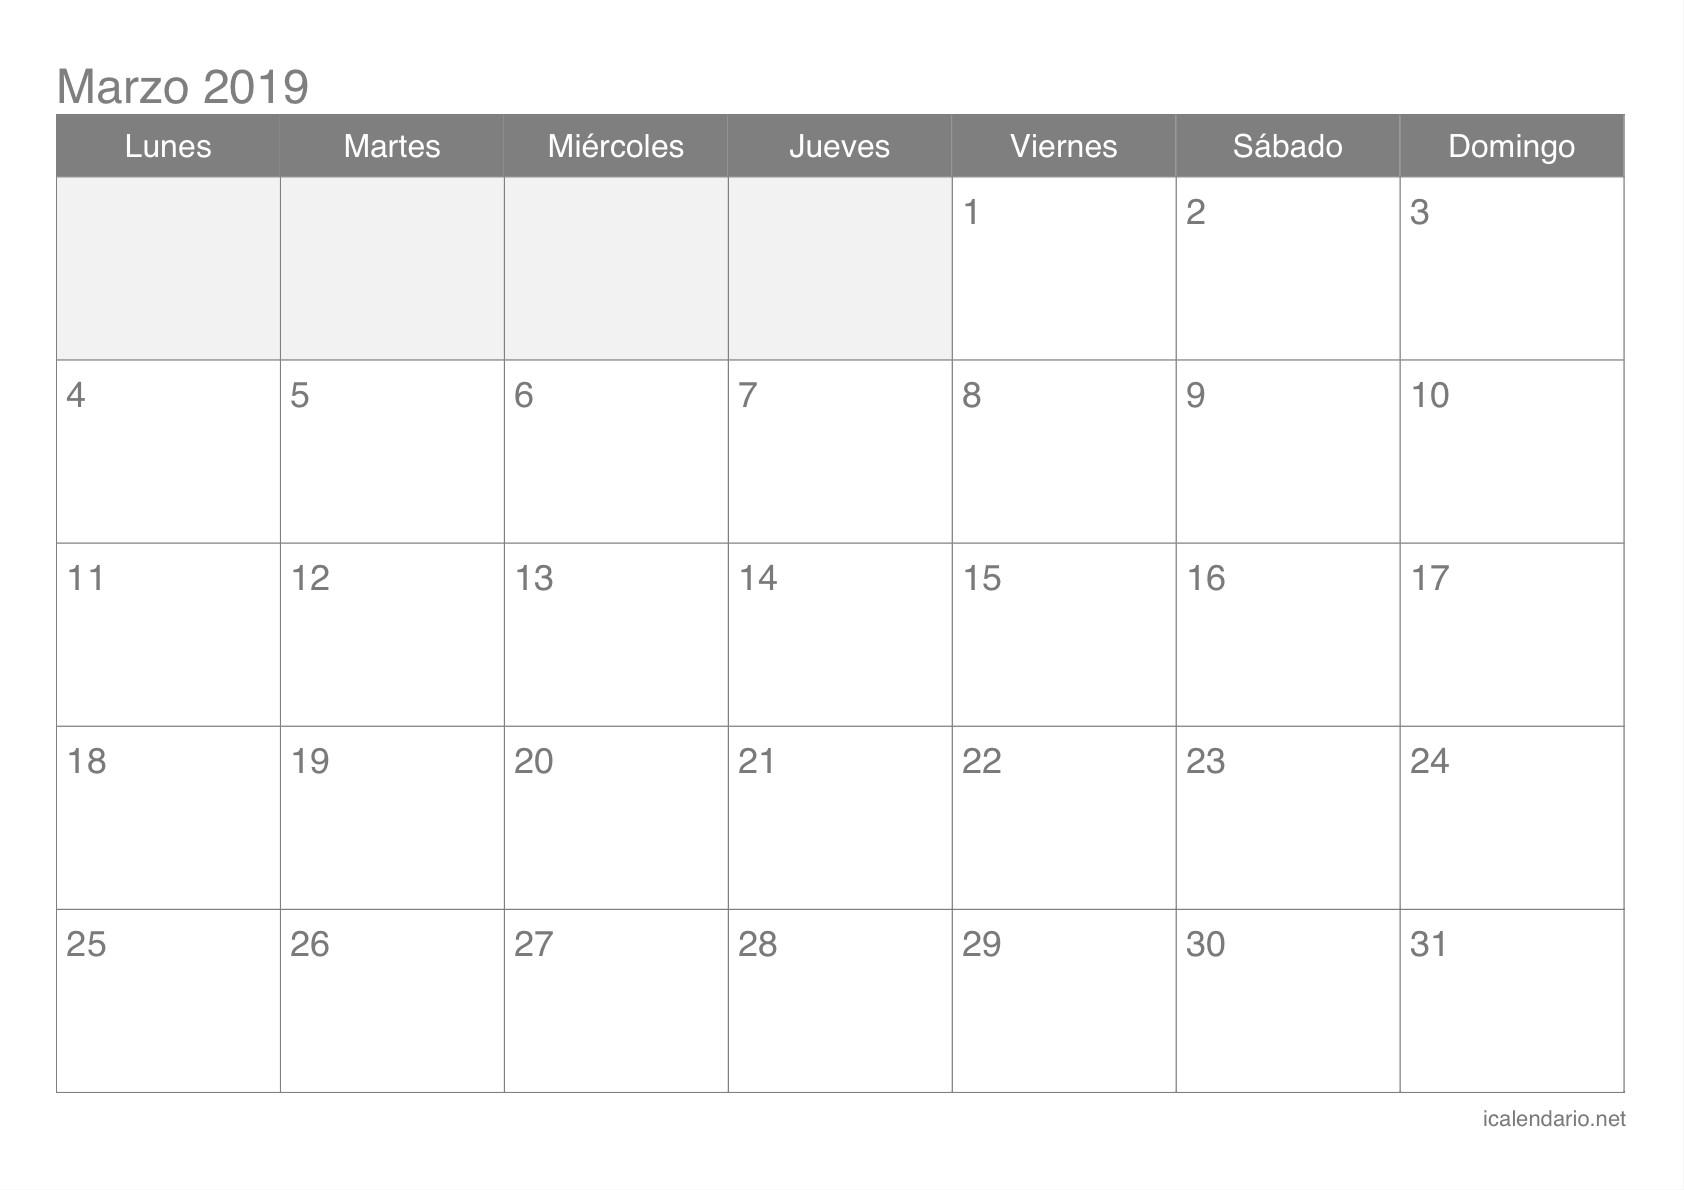 Calendario Agosto 2017 Para Imprimir Excel Más Recientes Calendario Para Imprimir Of Calendario Agosto 2017 Para Imprimir Excel Más Arriba-a-fecha Prueba Kalender 2019 Ferien Bayern Pdf